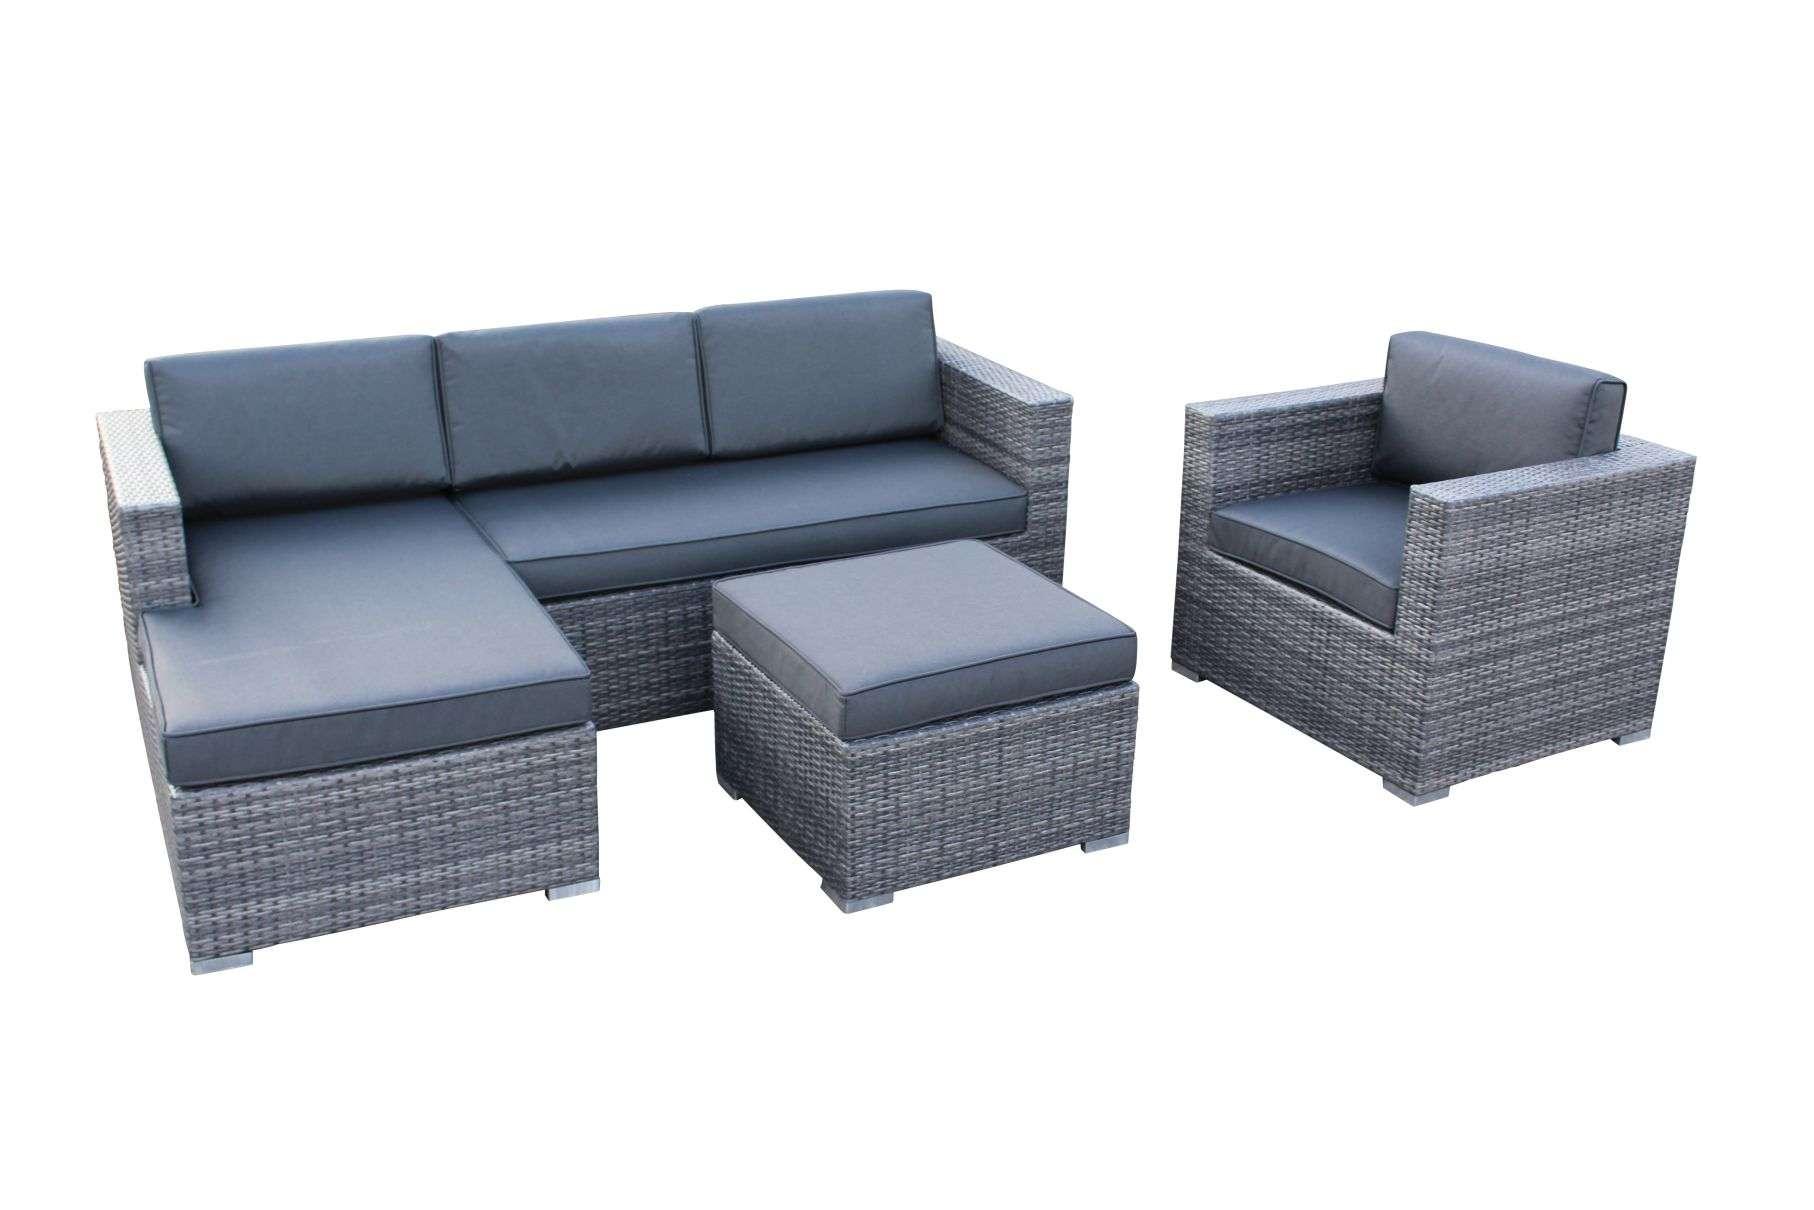 Gartenmöbel, Loungemöbel und mehr von ichwillgartenmoebel.de